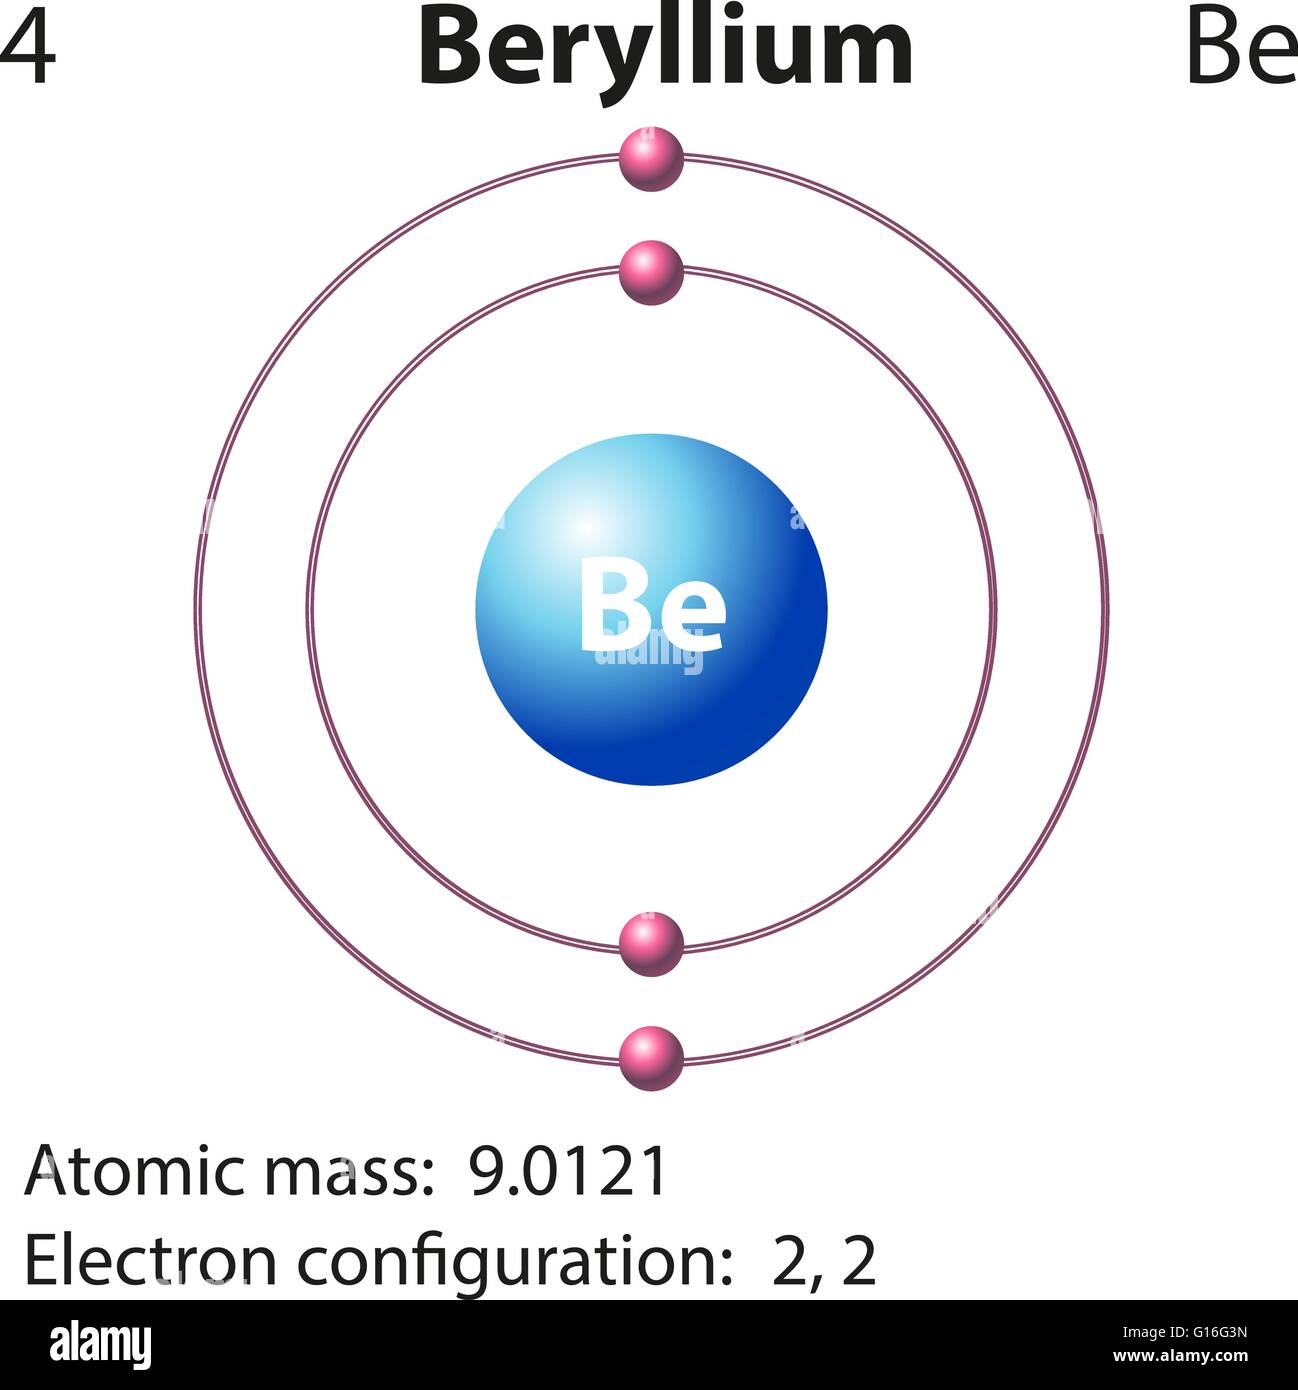 Diagramm Darstellung Der Element Beryllium Illustration Vektor